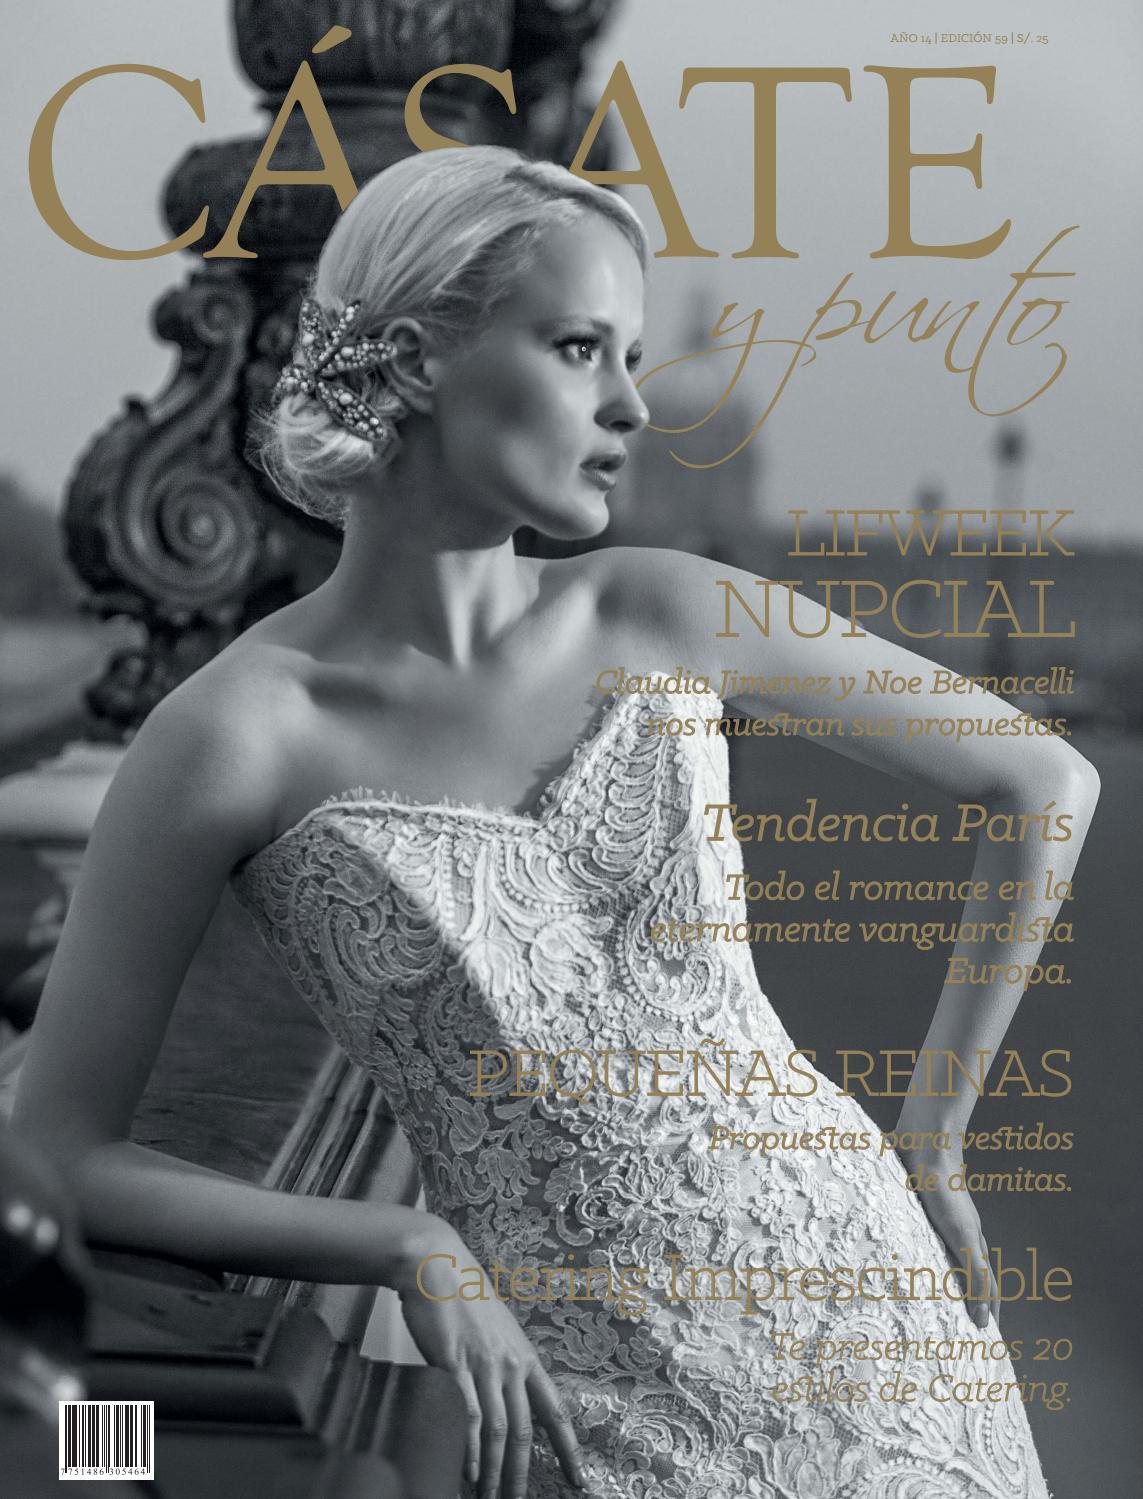 c14918ea1 Edición 59 by Casate y Punto - issuu